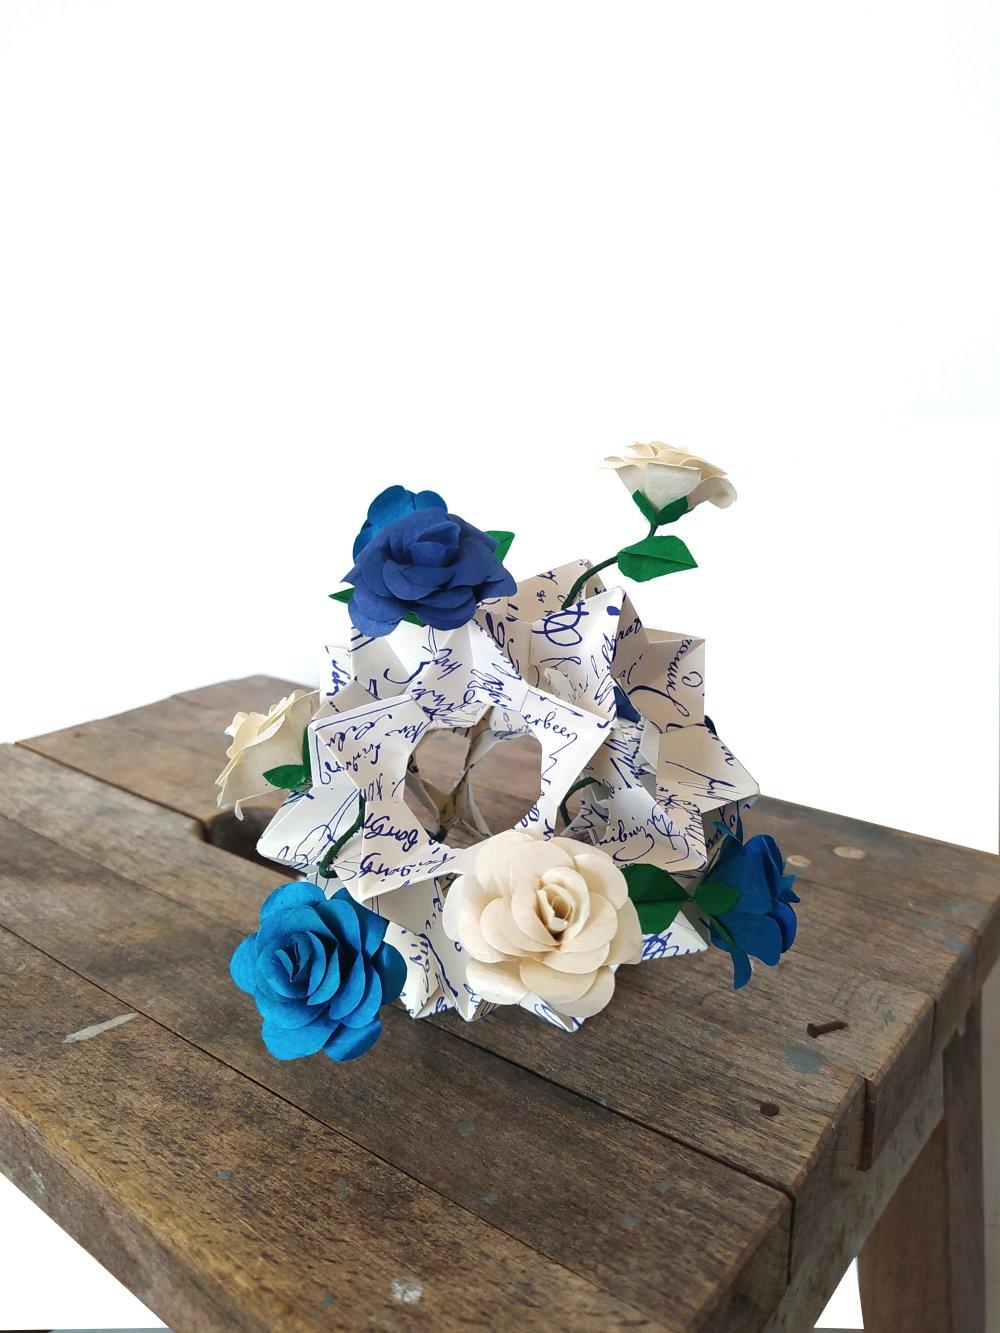 Kusudama En Origami Roses Sauvages Grand Modele Decoration Mariage Bapteme Centre De Table Fete Composition Florale Un Grand Marche